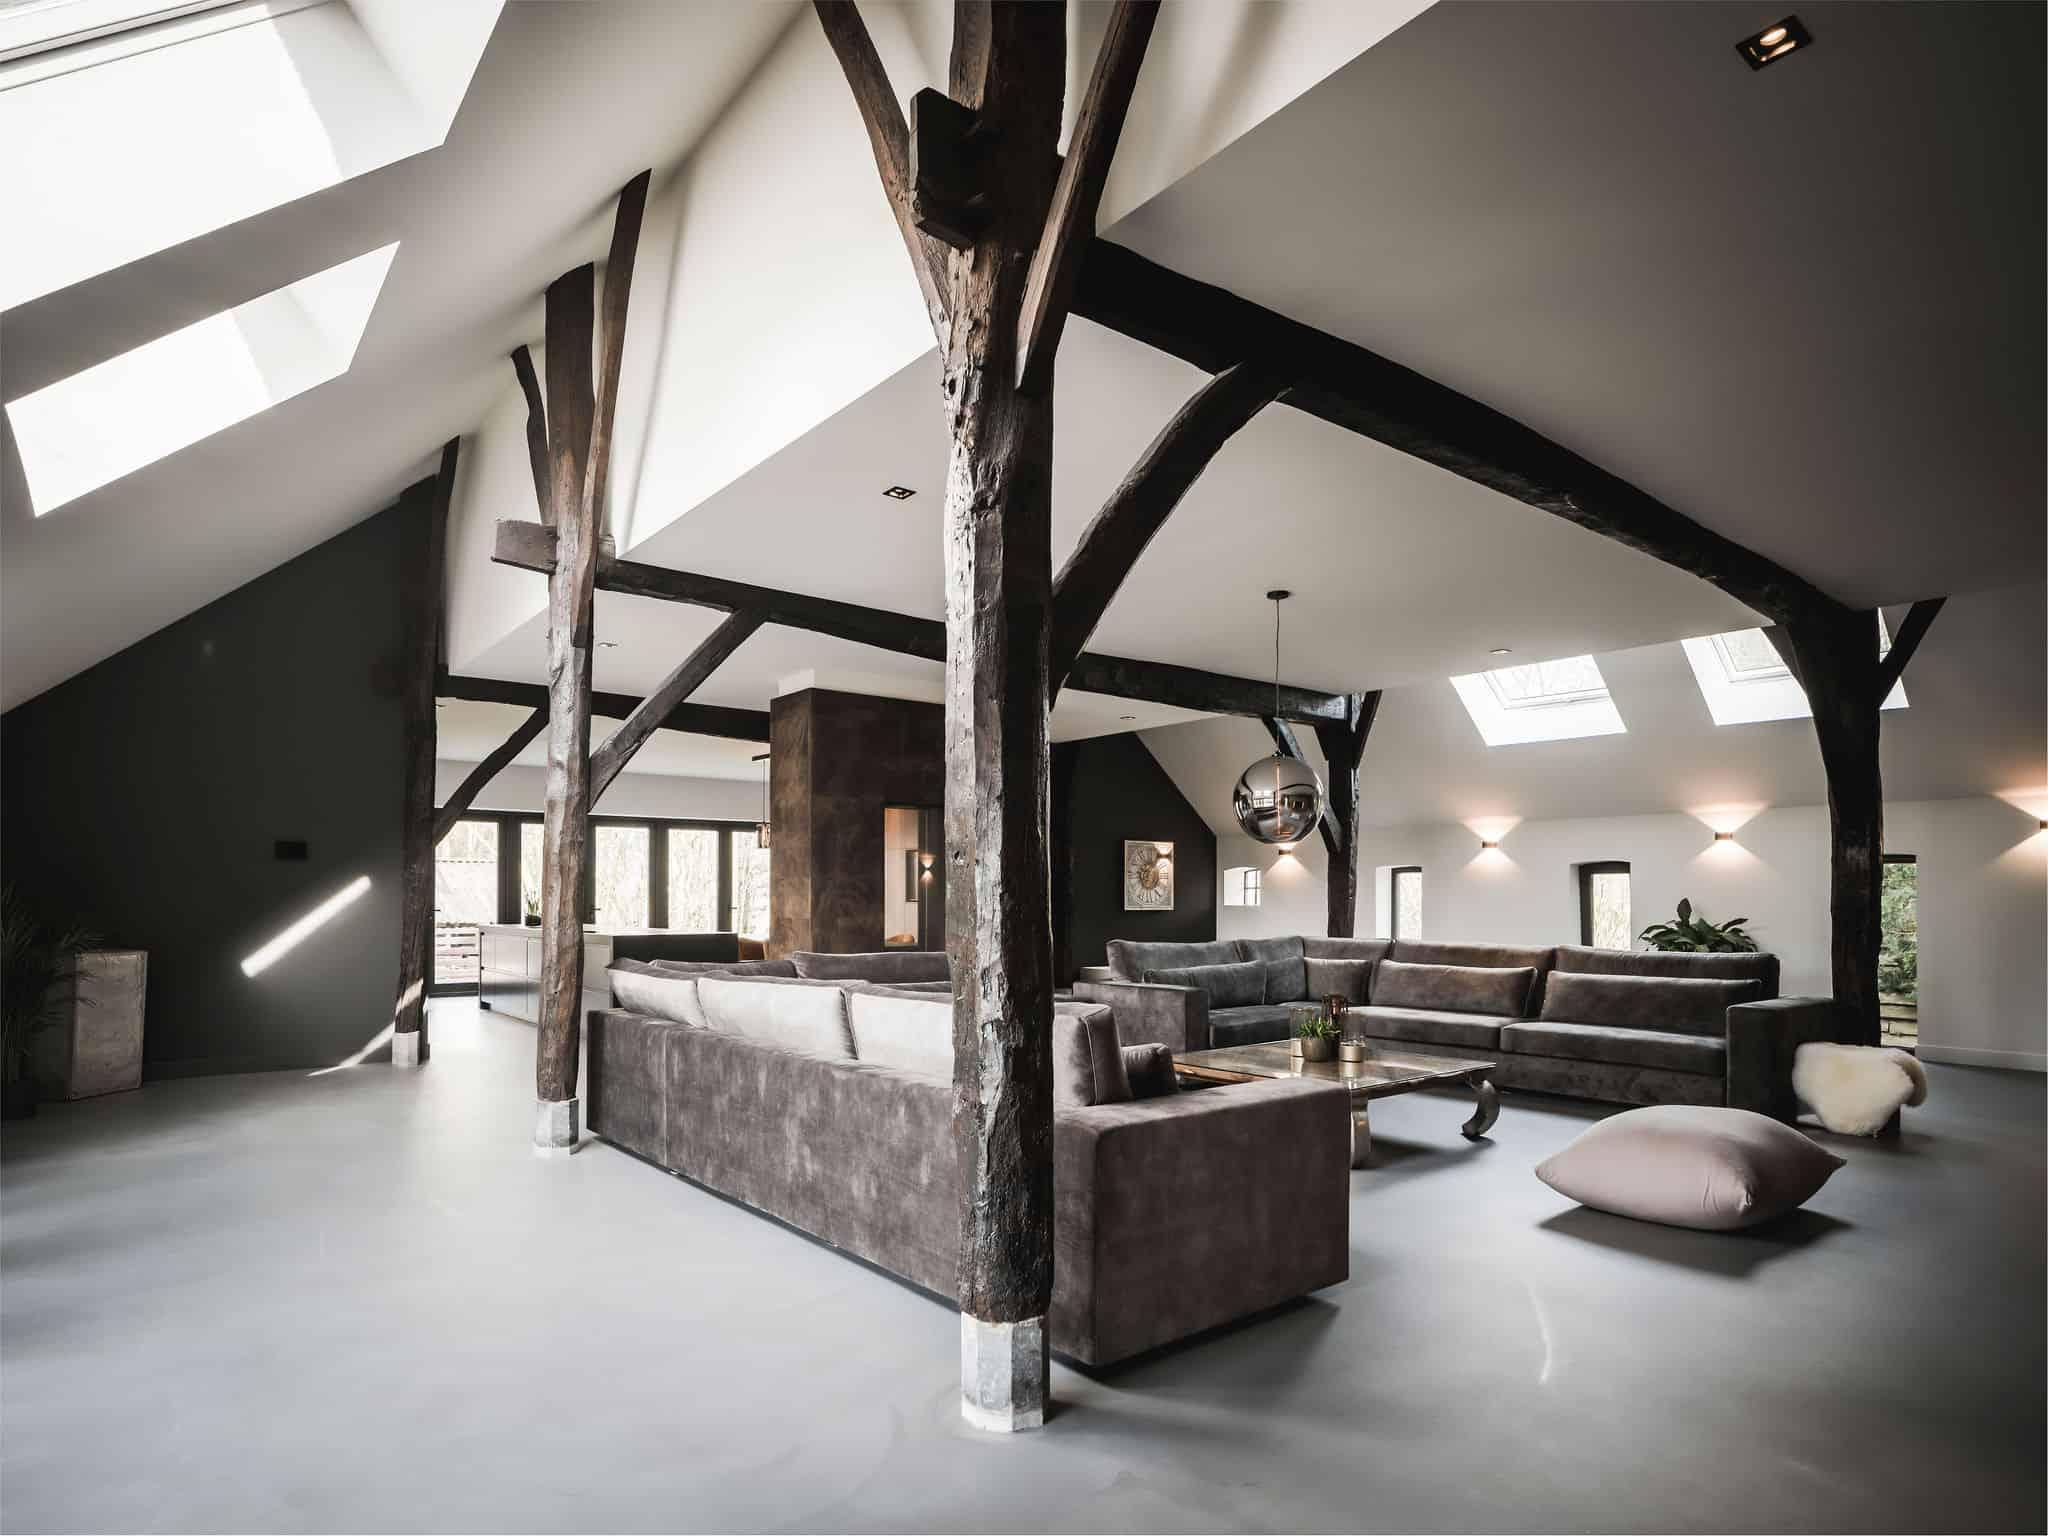 interieurarchitect Wildenberg ontwerp interieur woonboerderij Velux Kreon Kusk haarden beton gietvloer